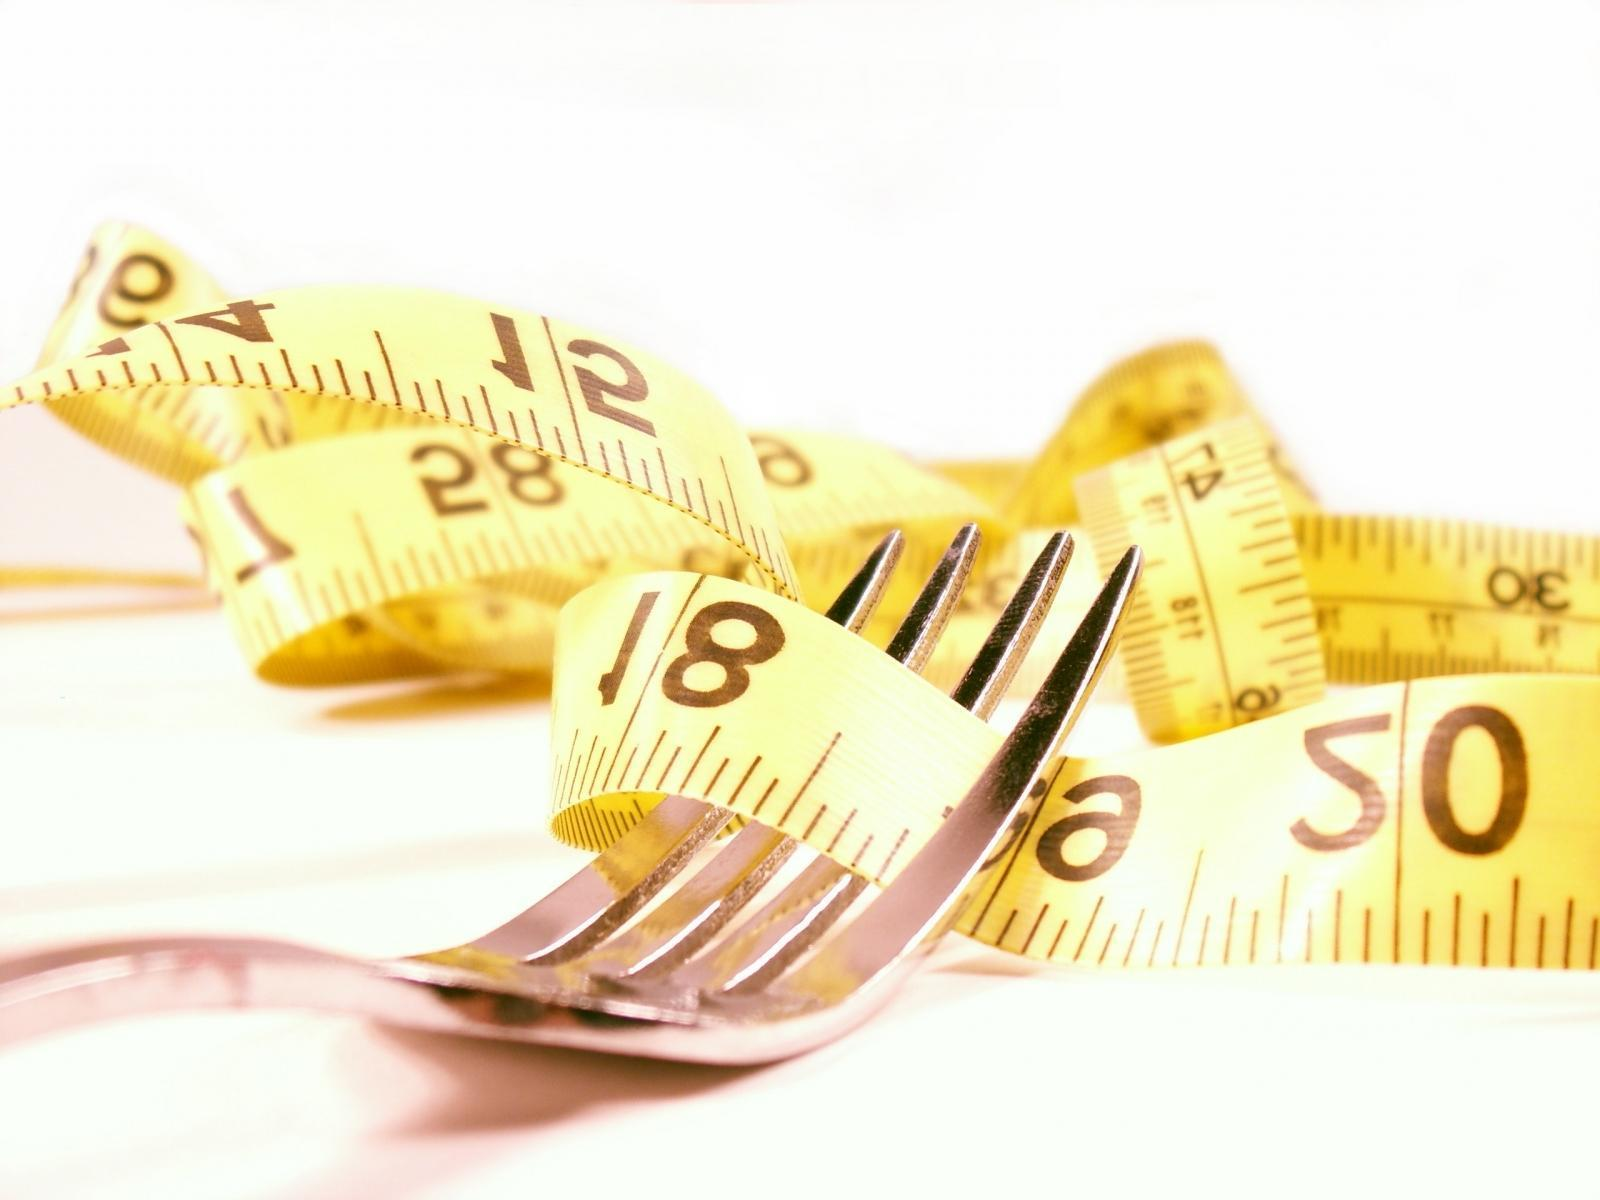 dicas-que-compartilham-as-dietas-mais-famosas1-368x269.jpg